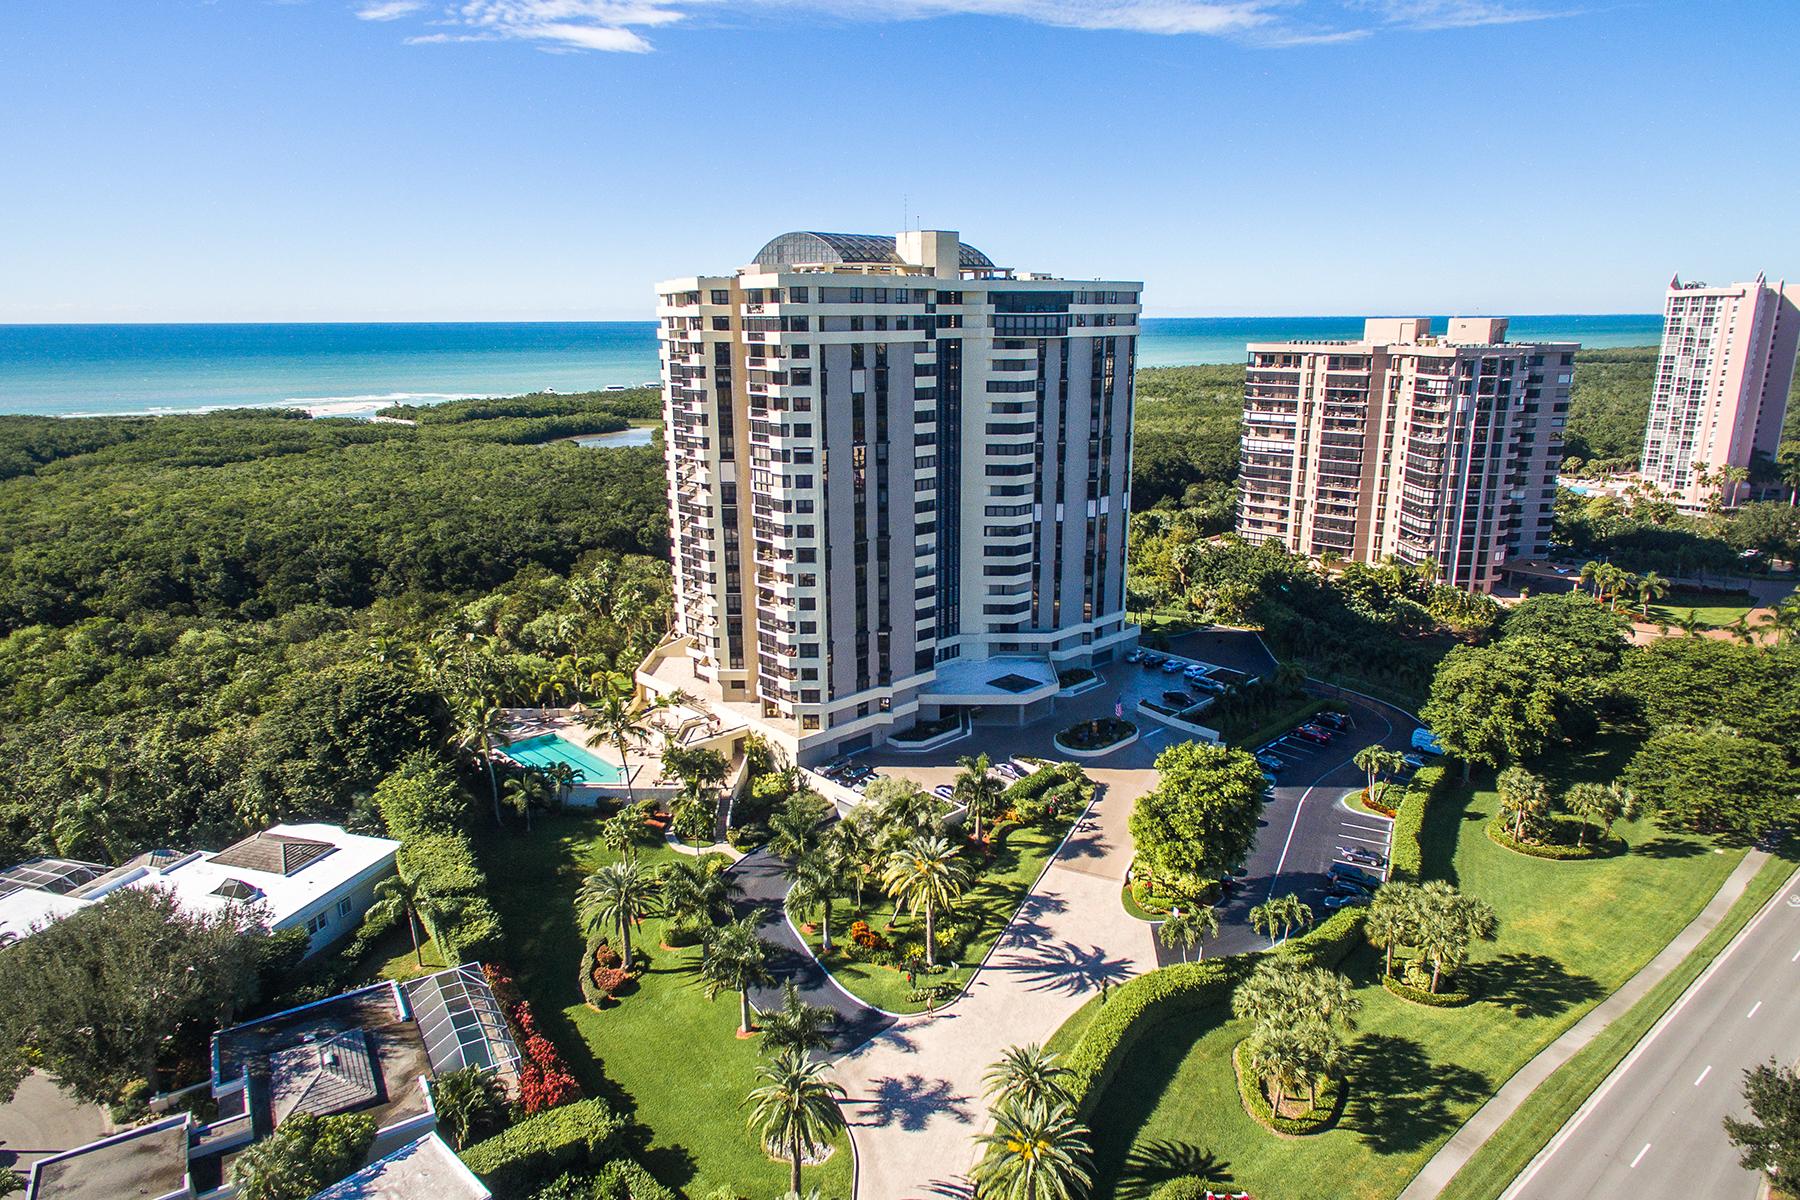 Кооперативная квартира для того Продажа на 6001 Pelican Bay Blvd , 1504, Naples, FL 34108 6001 Pelican Bay Blvd 1504 Naples, Флорида, 34108 Соединенные Штаты